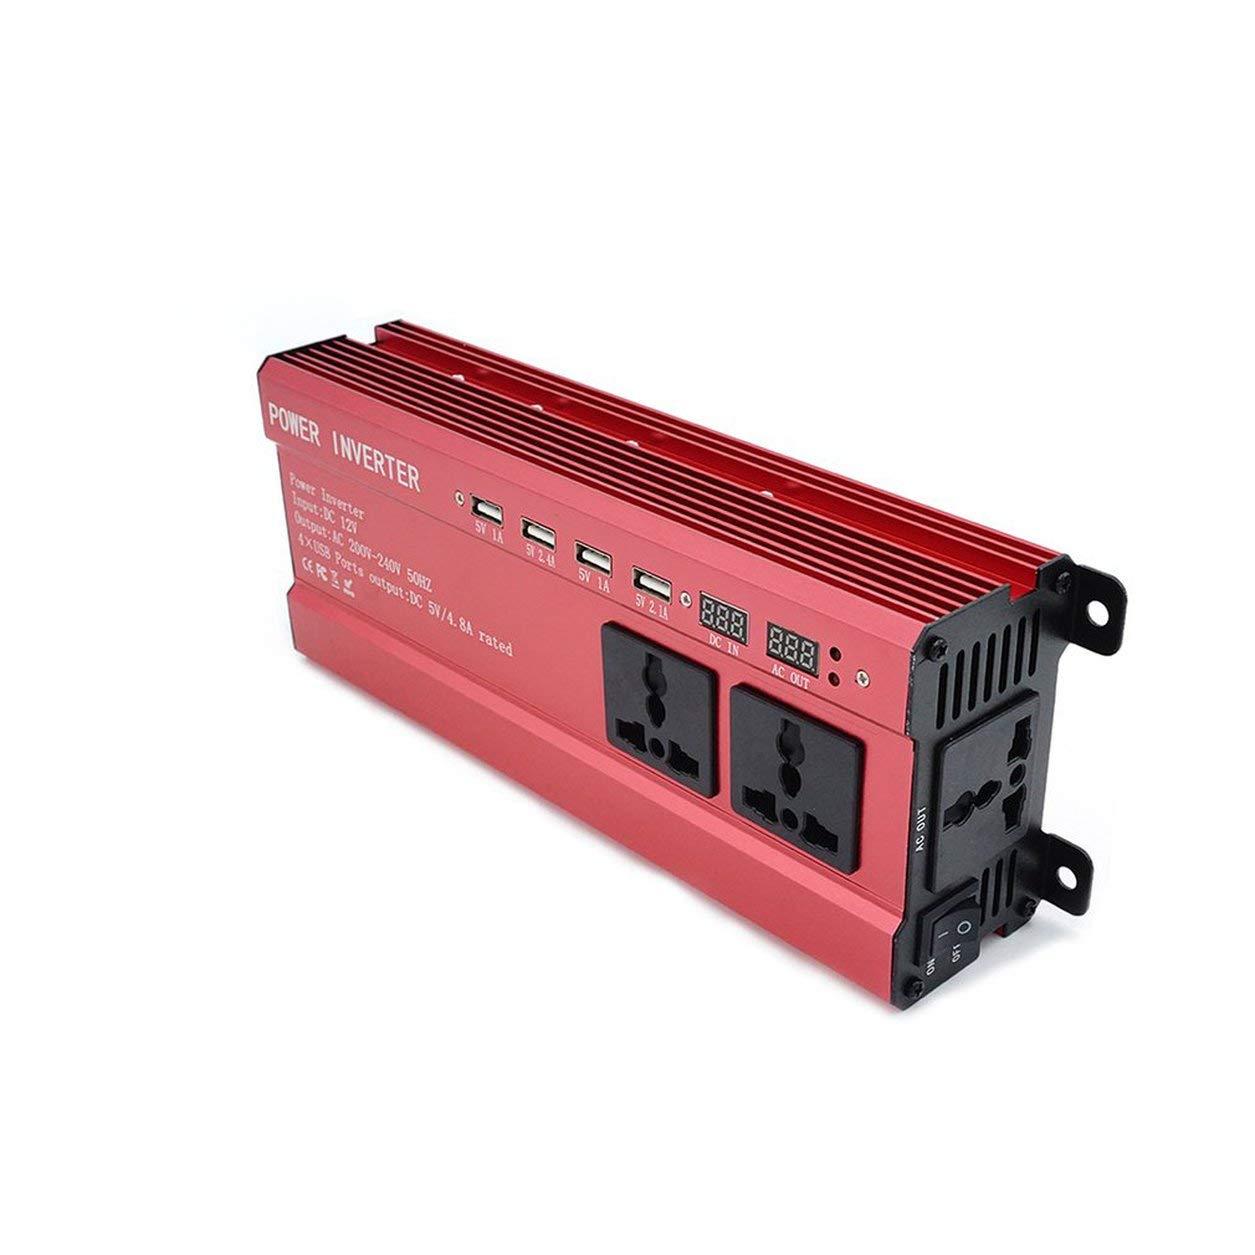 Dailyinshop/® Inverter Portatile per Auto per Auto da 2000 W con Display LCD 12V-220V Convertitore per Auto Alimentatore 4 Porte USB